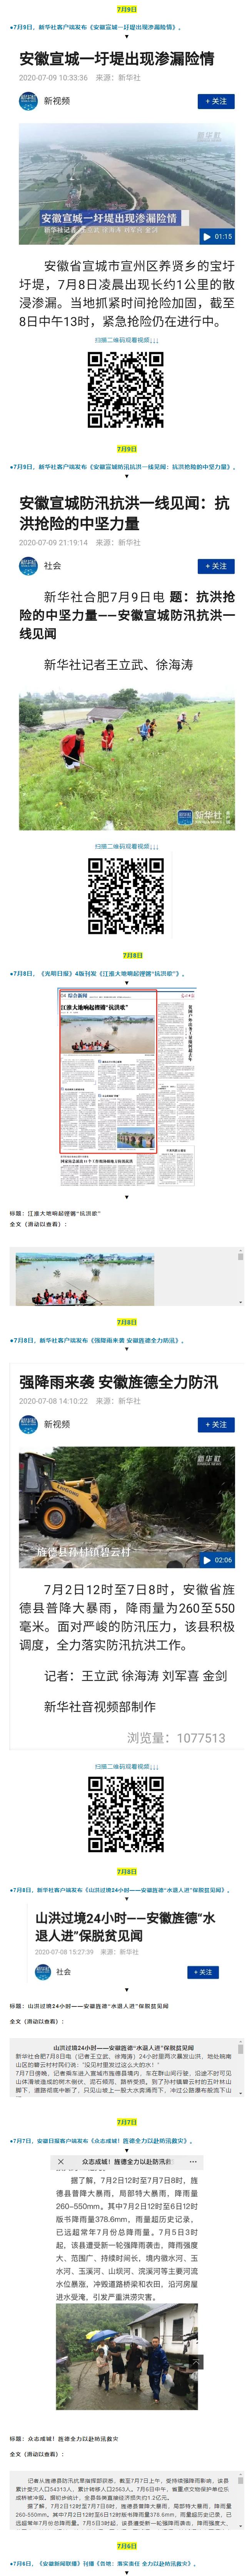 宣城:战洪保家园!上级媒体持续关注.png